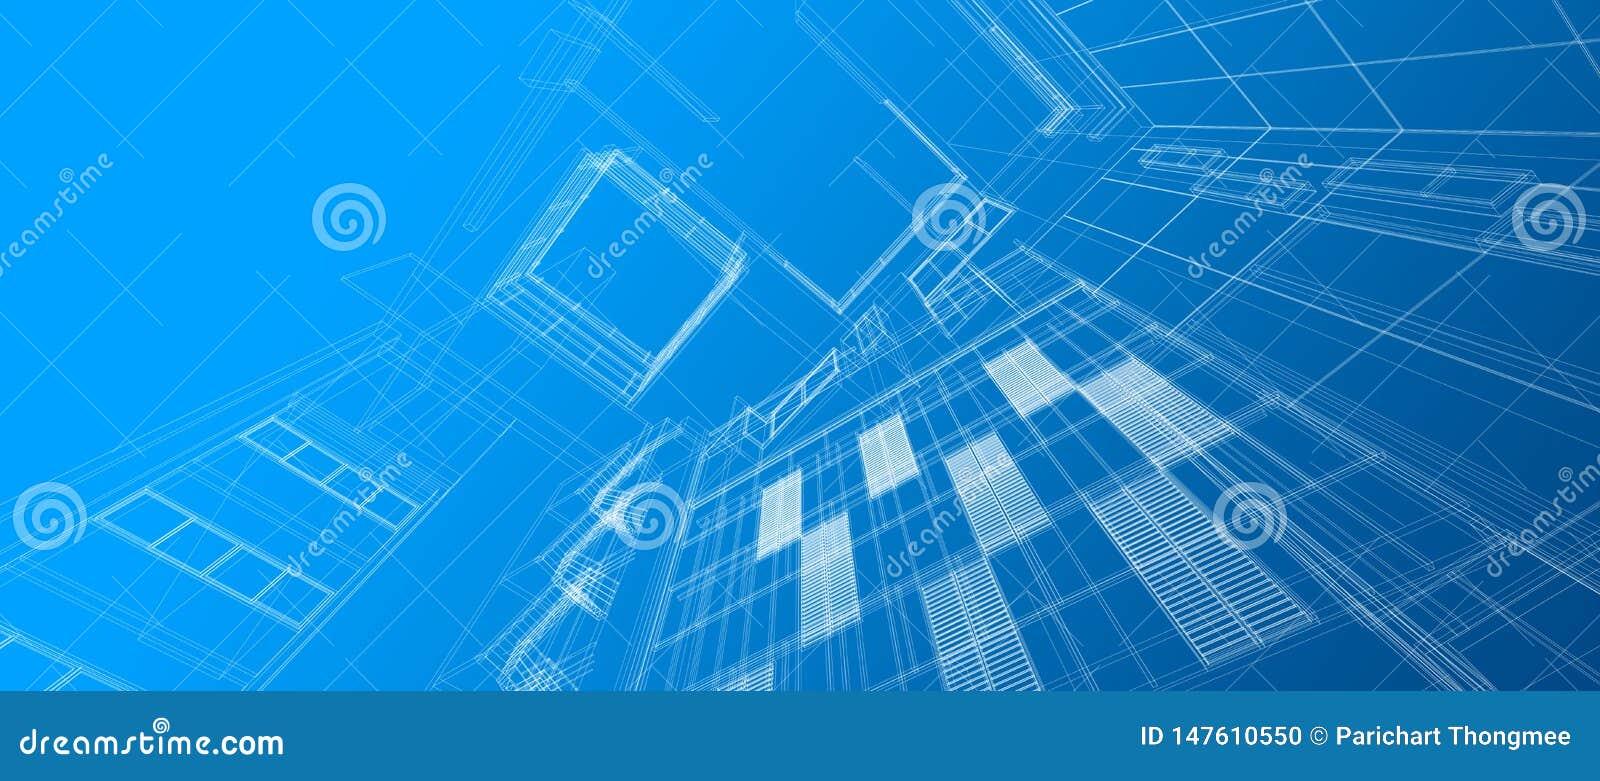 Architectuur die het ruimtekader bouwen die van de het perspectief witte draad van het ontwerpconcept 3d gradi?nt maken blauwe kl